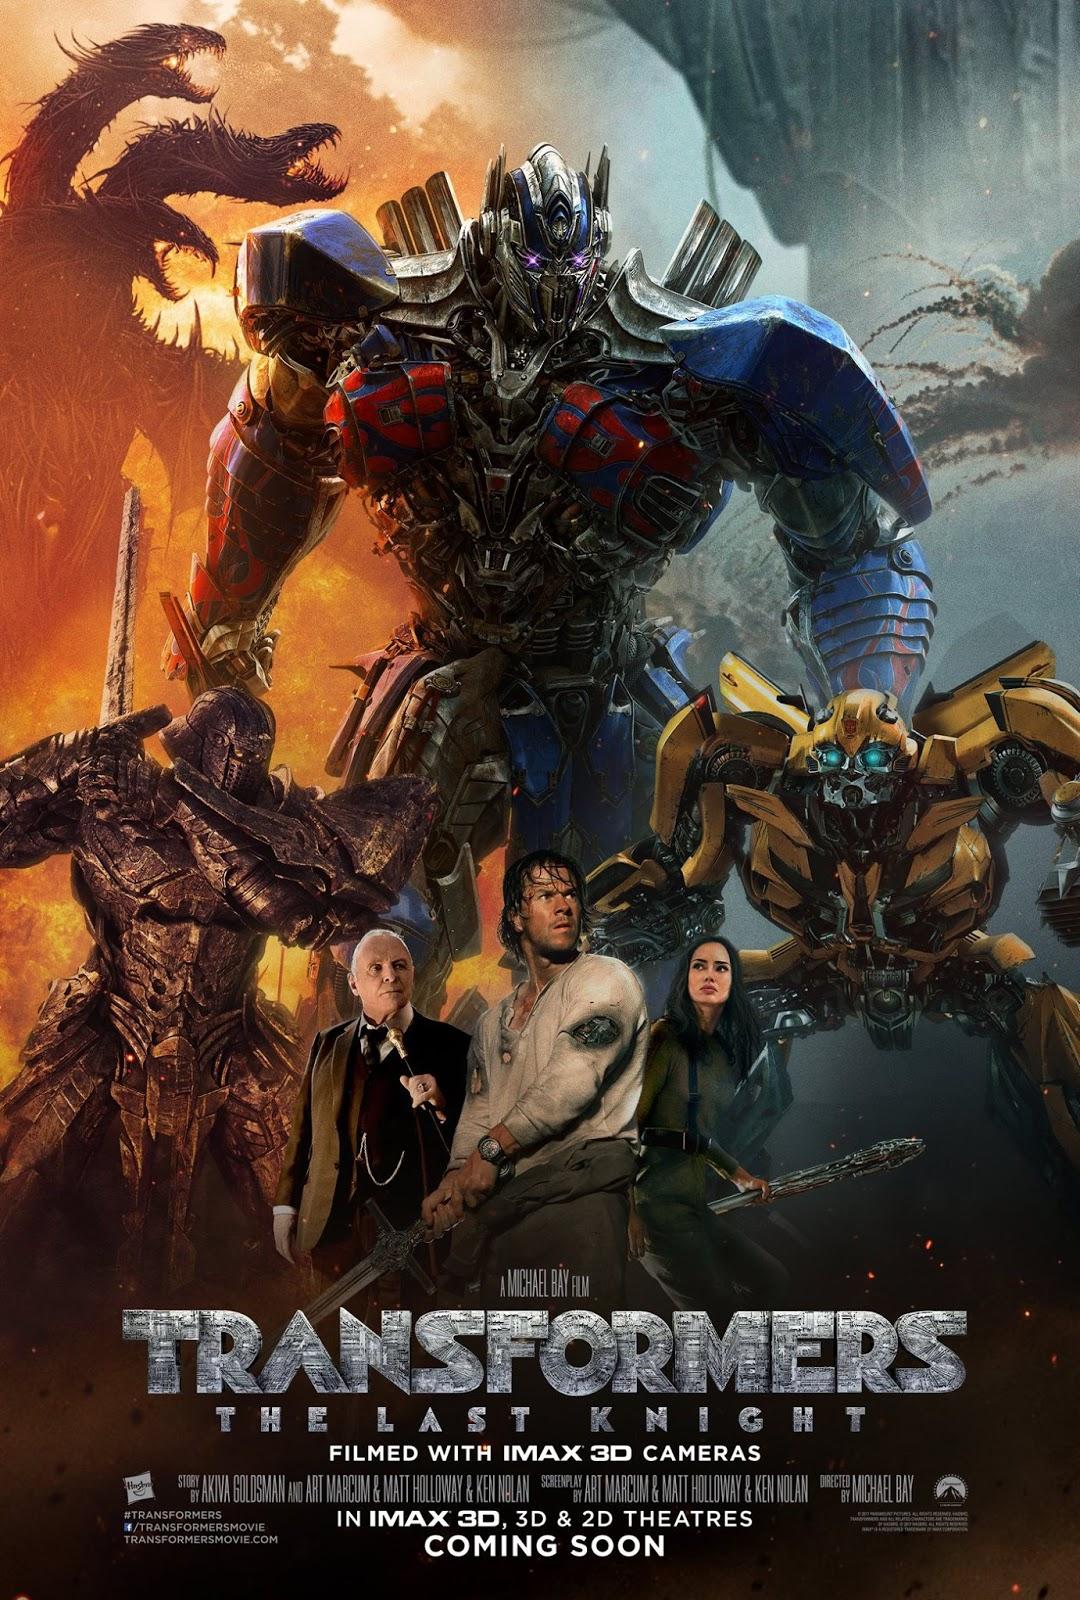 ตัวอย่างหนังใหม่ - Transformers: The Last Knight (ทรานส์ฟอร์เมอร์ส 5: อัศวินรุ่นสุดท้าย) ตัวอย่างที่2 ซับไทย poster 15